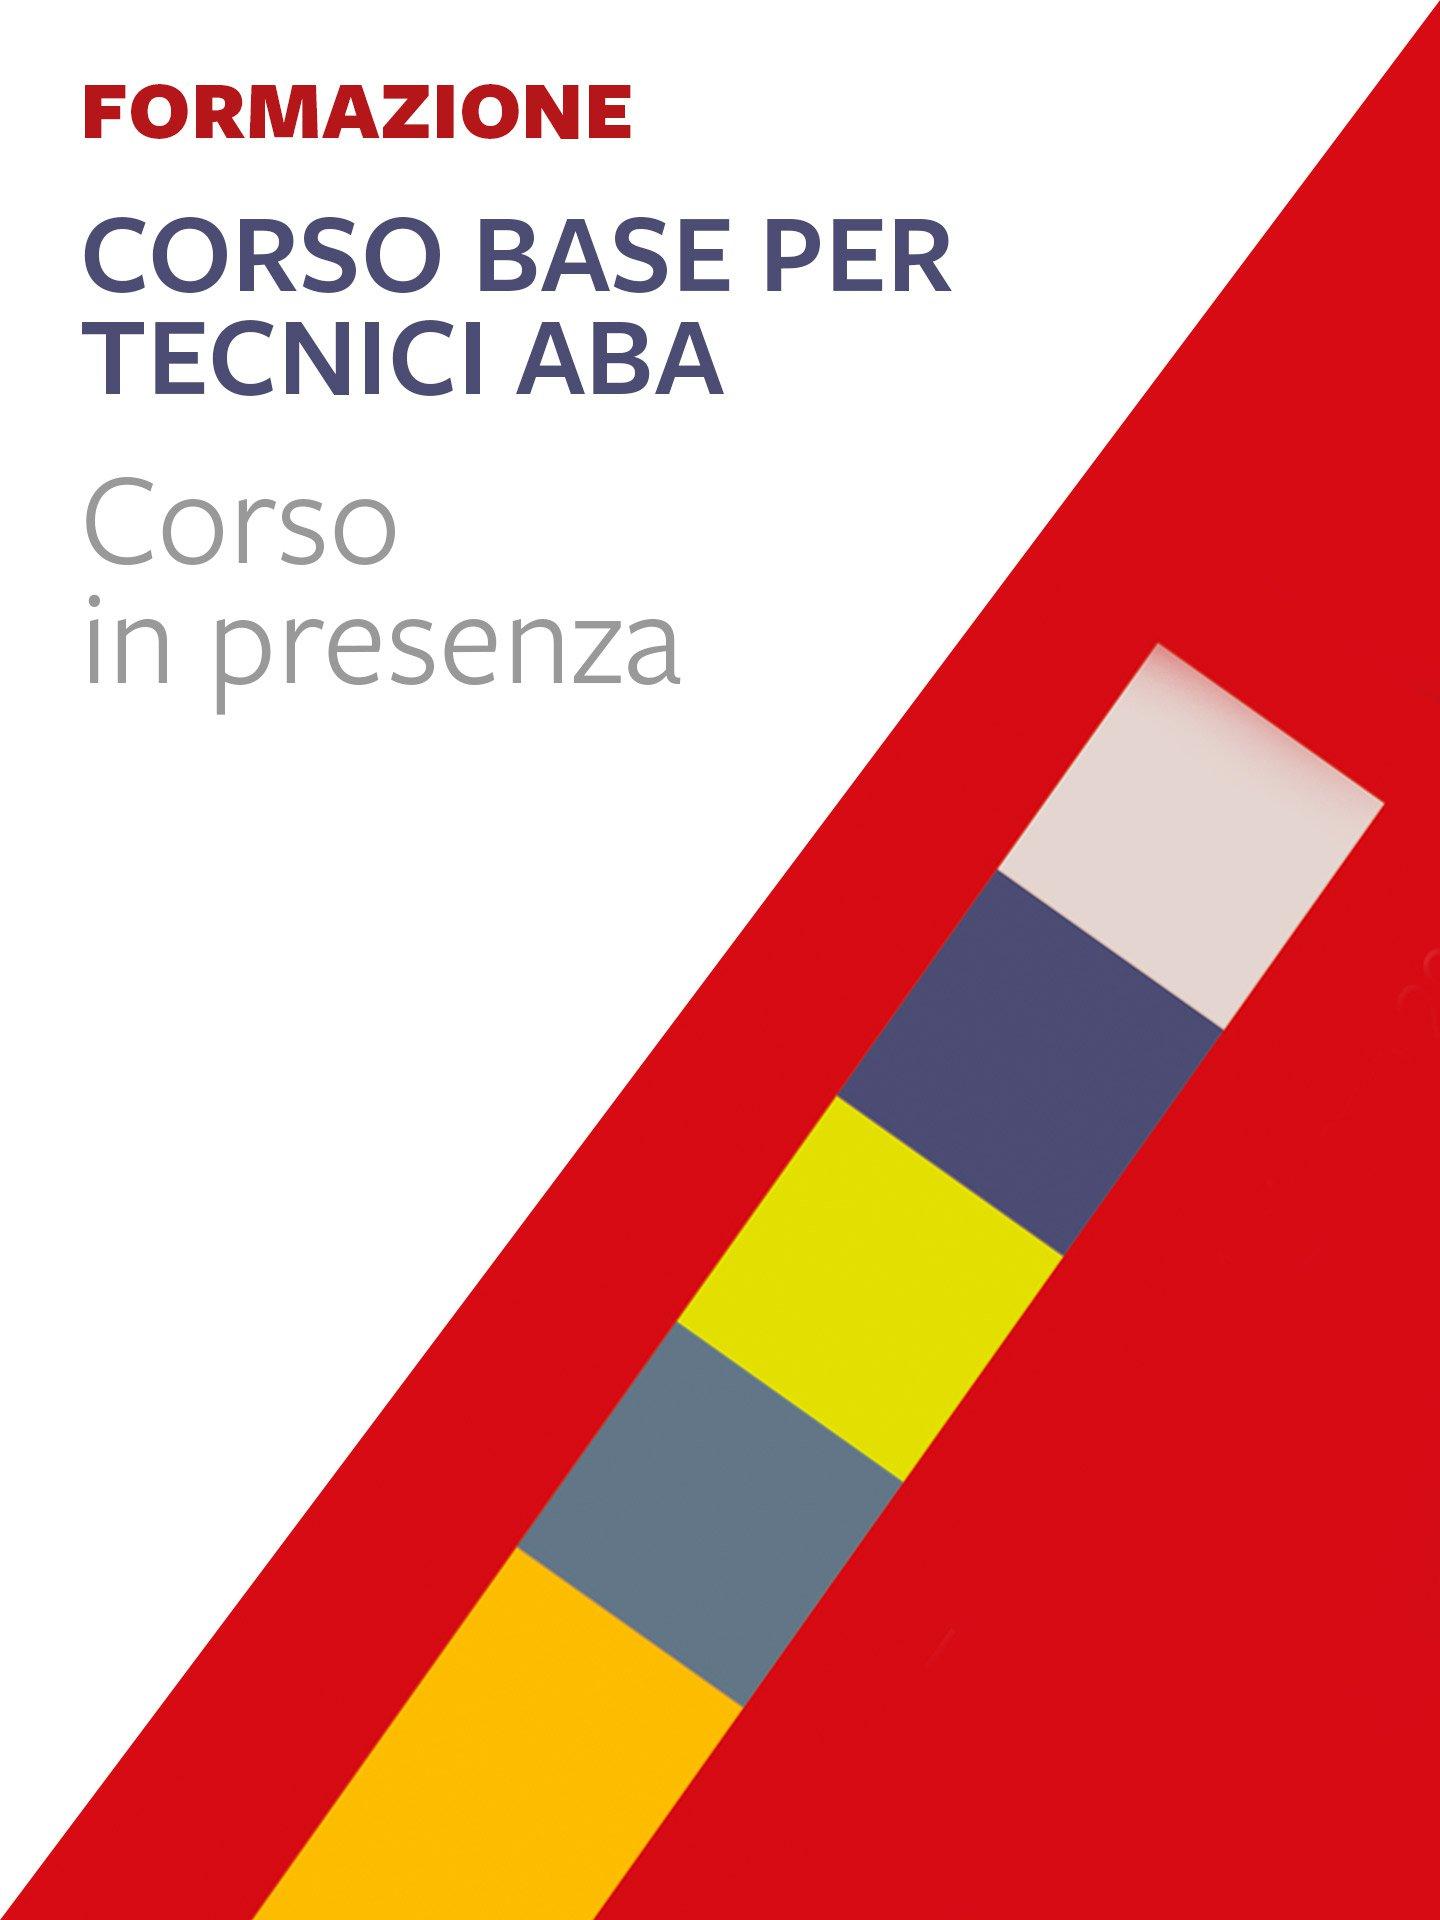 Corso per tecnico ABA-VB – Modulo 1 (Base) - Sede Trento - Erickson